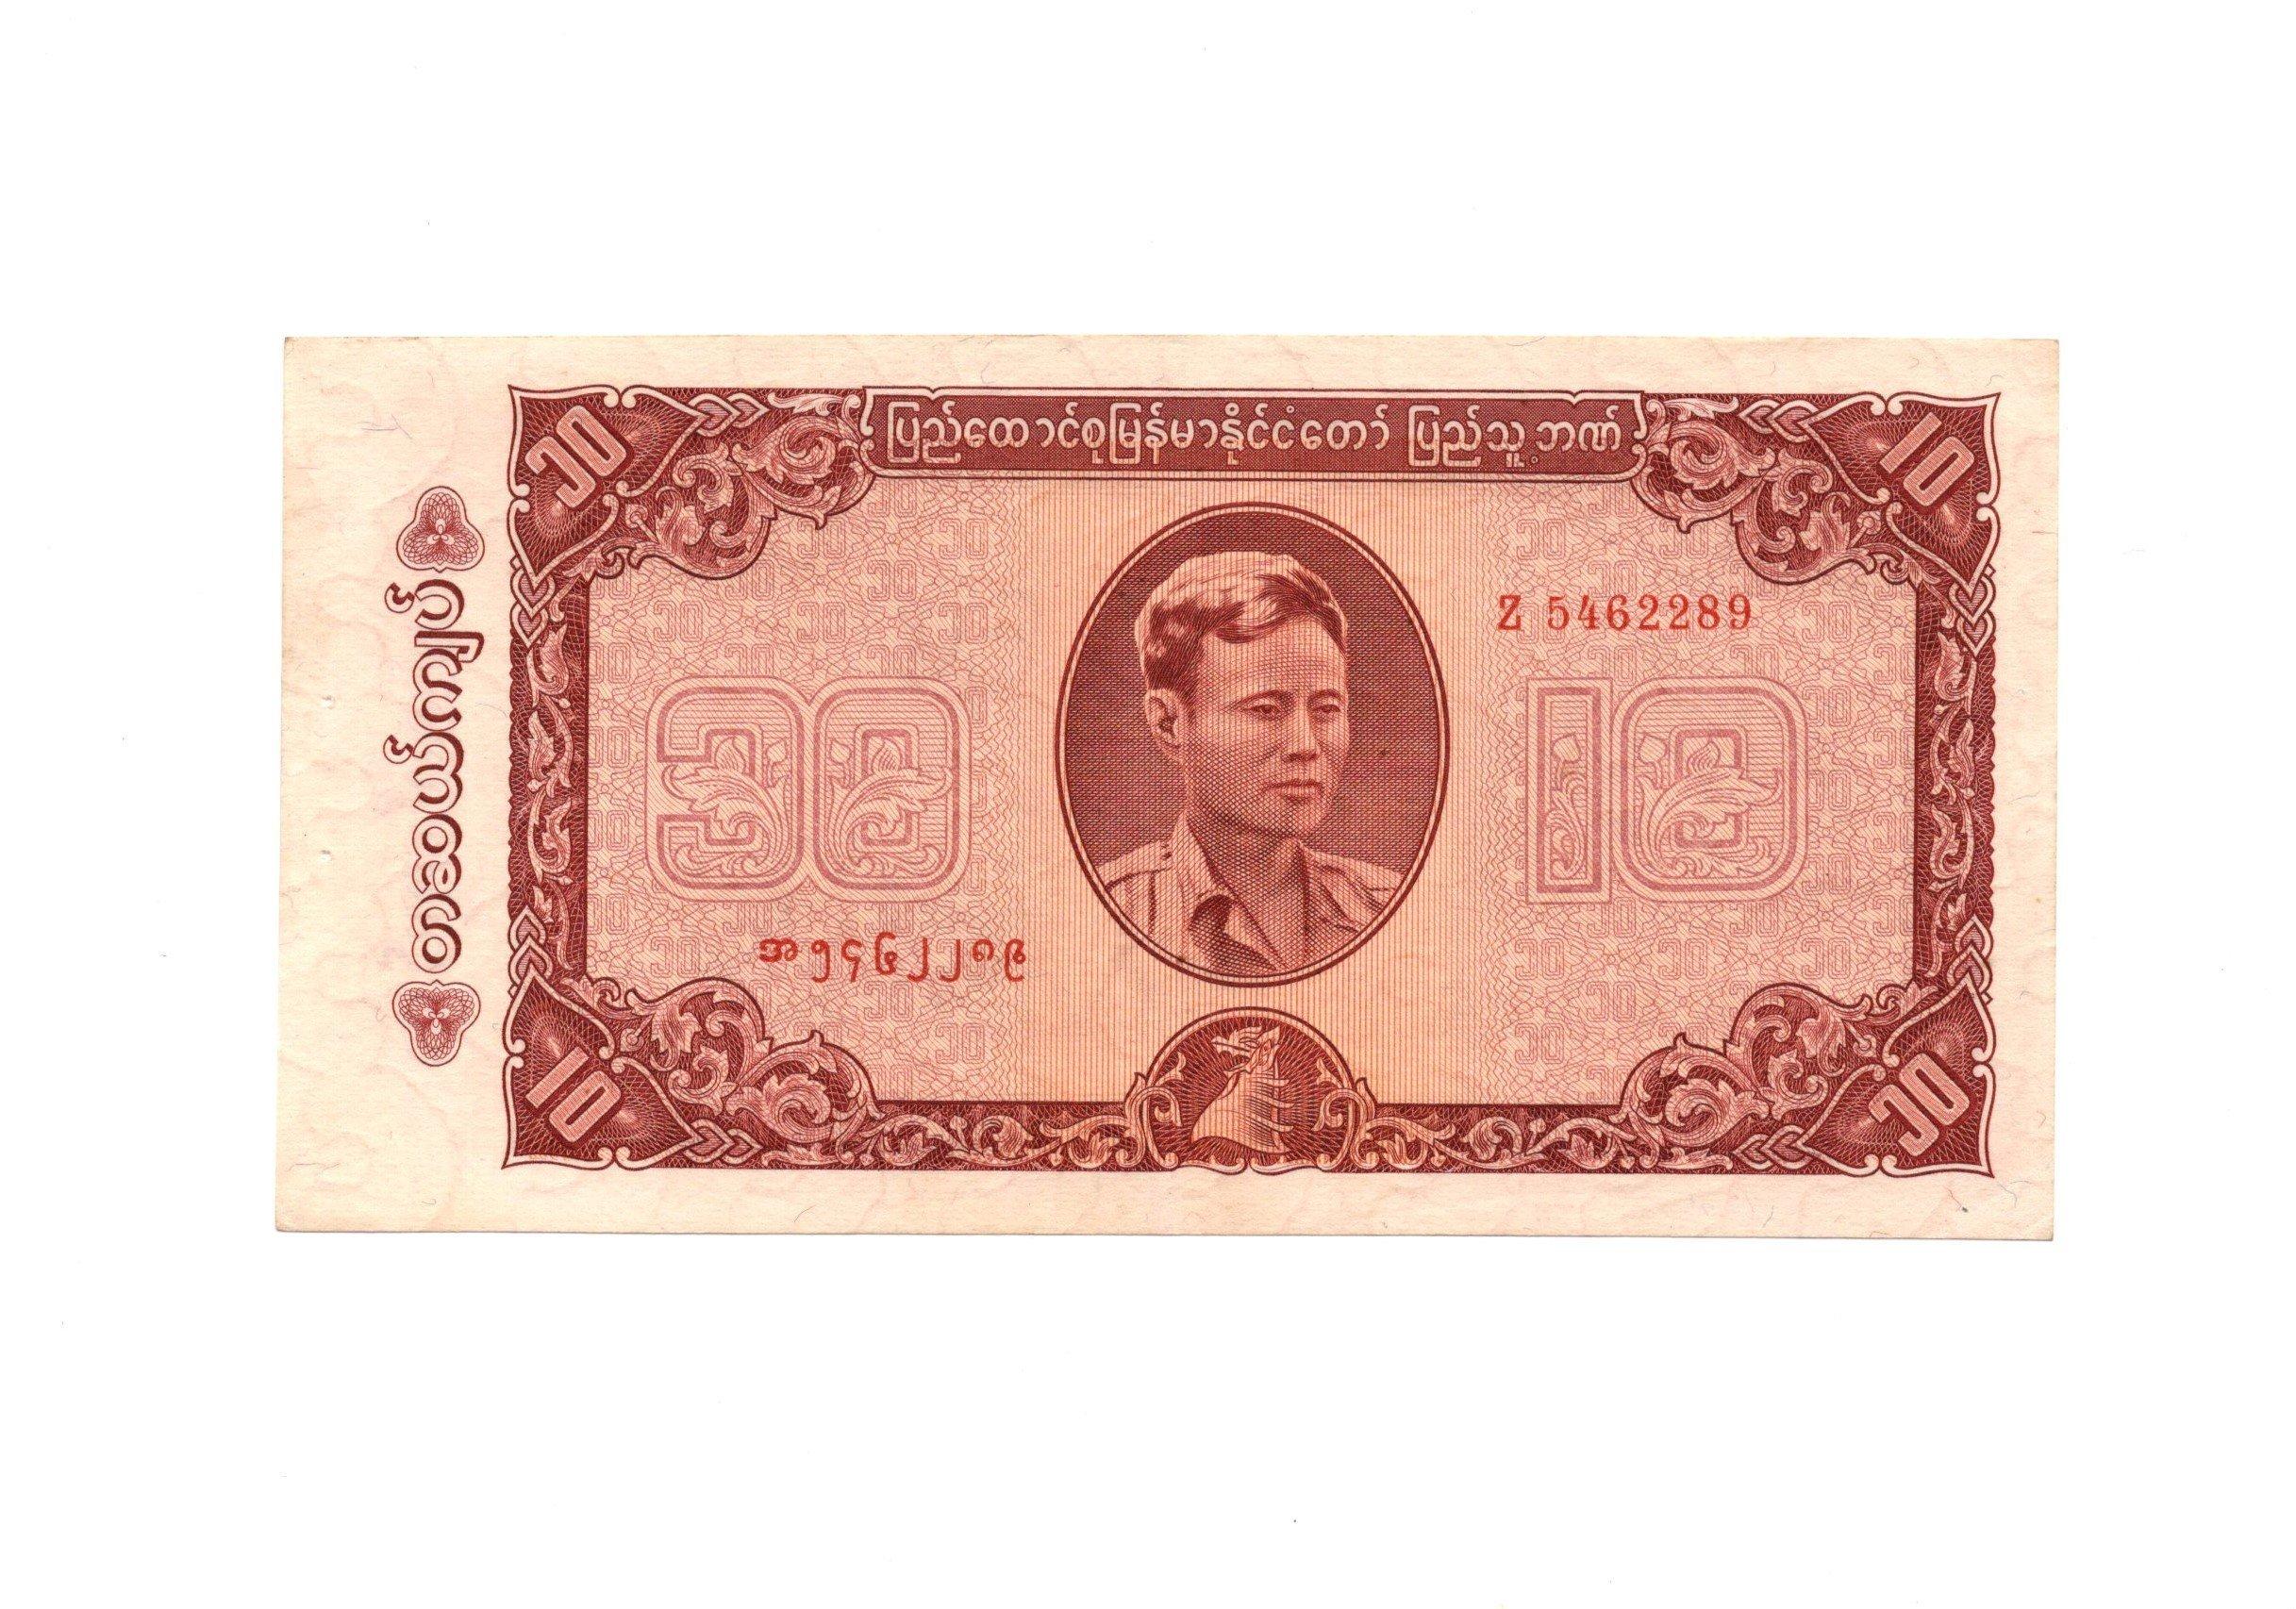 Burma 10 kyat 1965